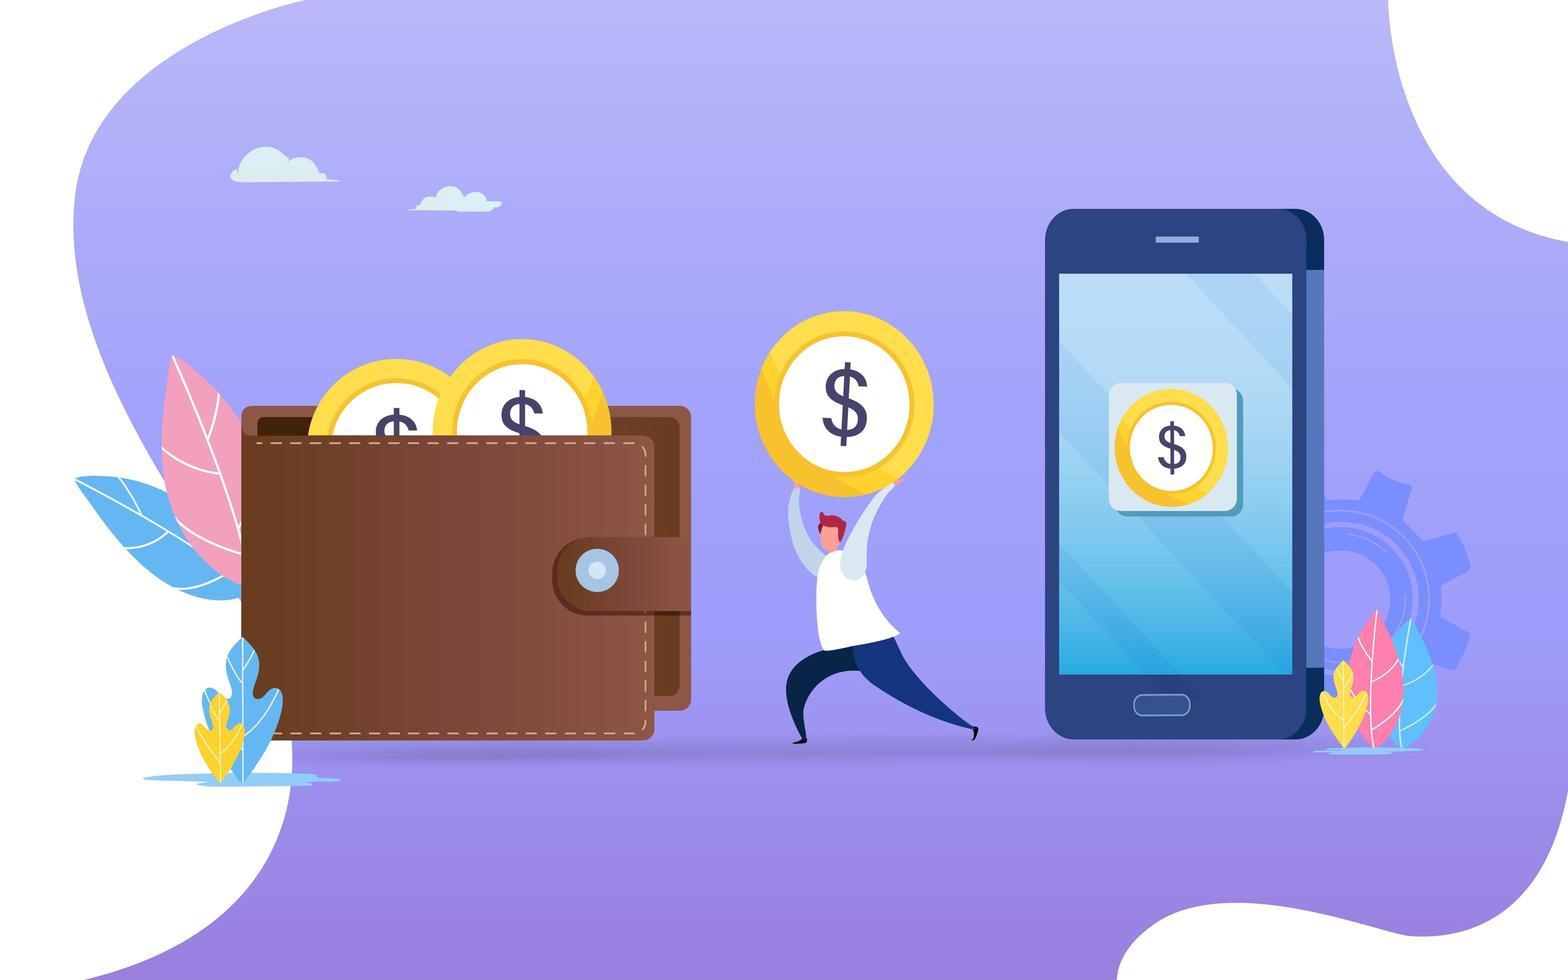 persona che trasferisce denaro dallo smartphone al portafoglio. vettore